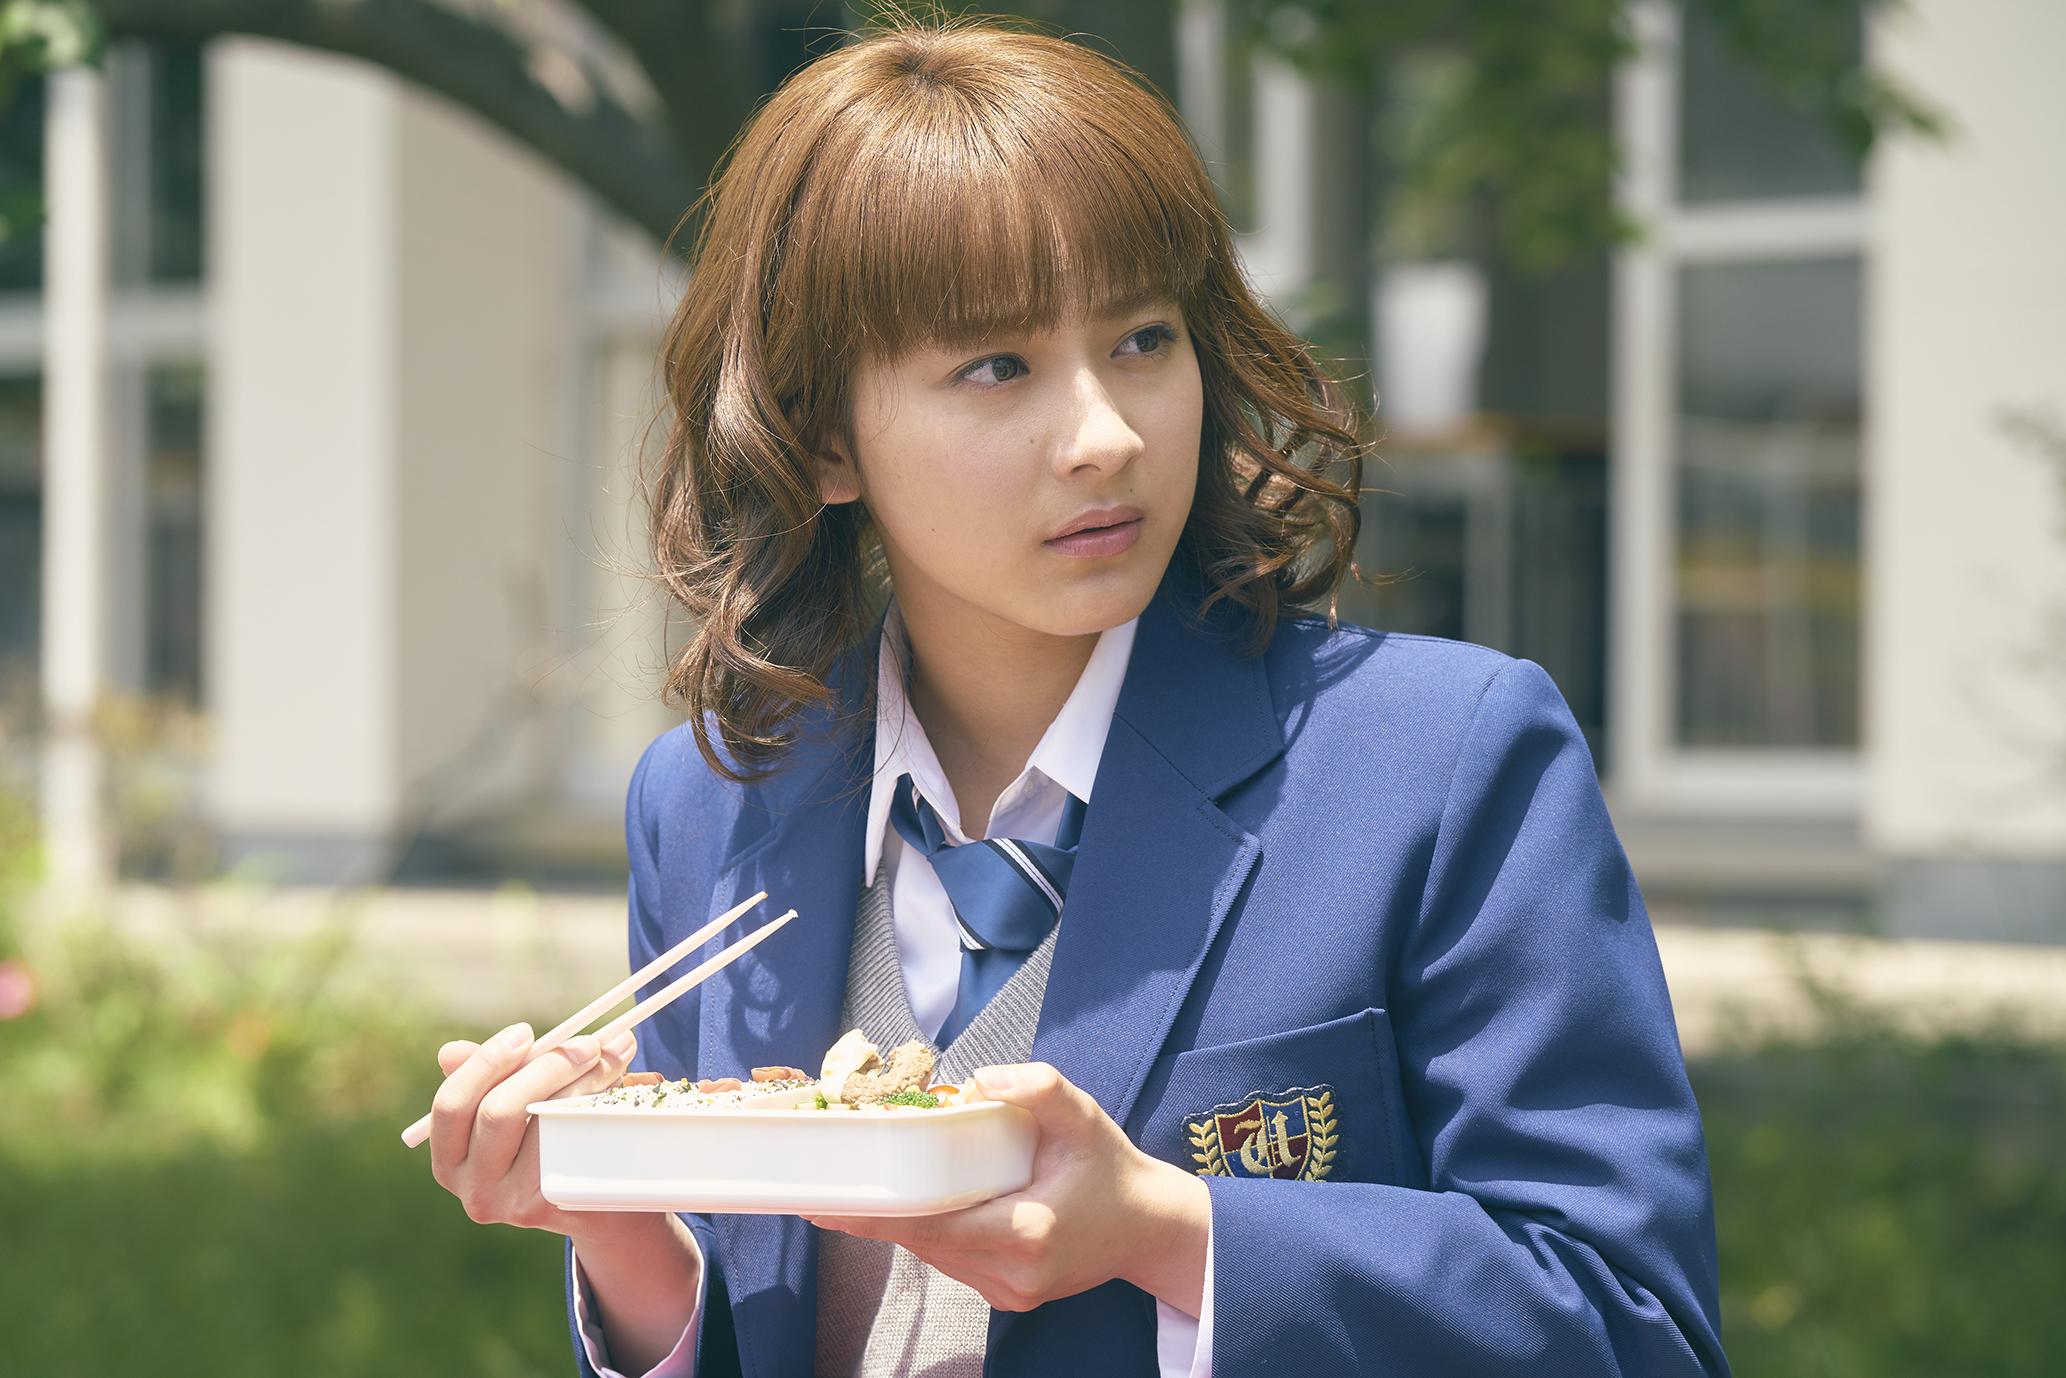 【ジャニーズJr.】平野紫耀は神ってる!? 映画『honey』撮影現場裏話(写真 4/20)